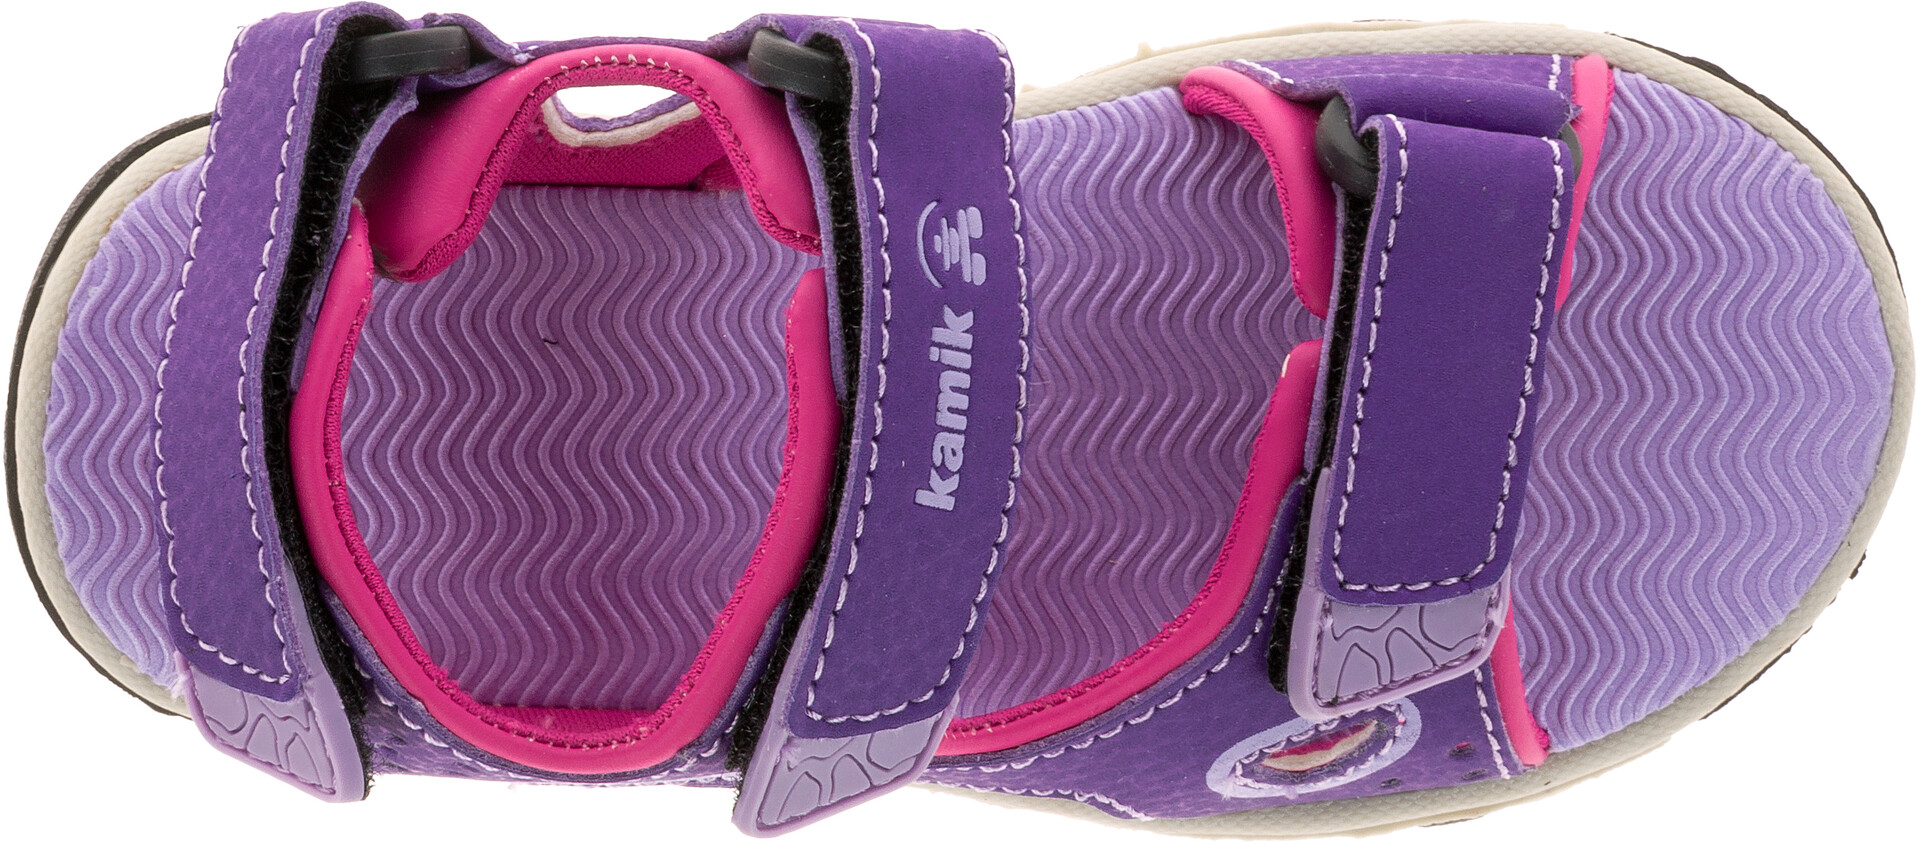 Kamik Lobster2 Sandaler Børn, purple